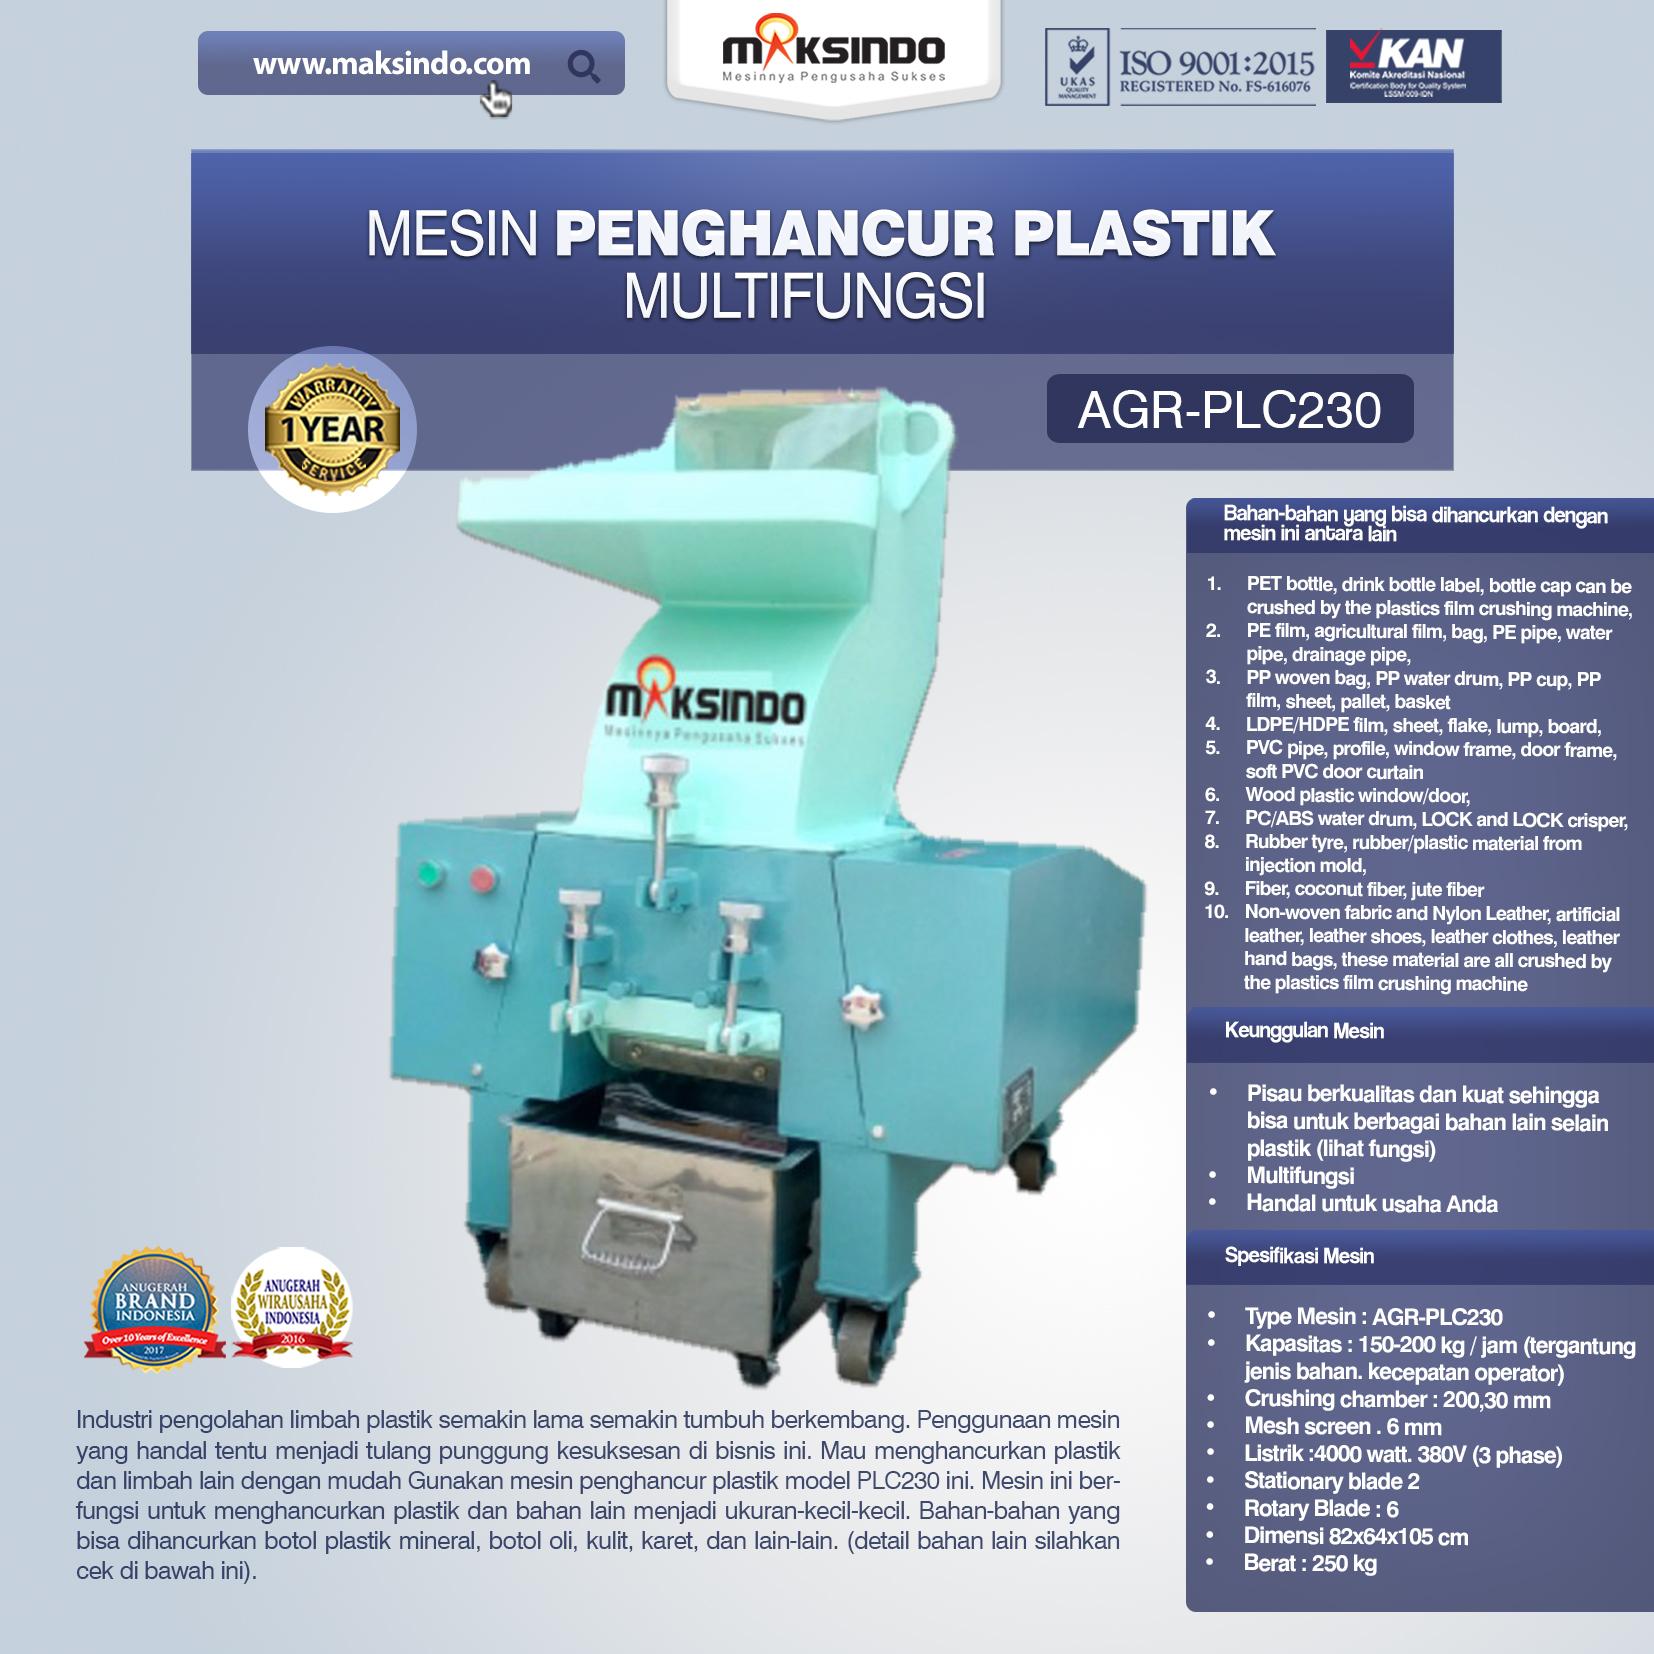 Jual Mesin Penghancur Plastik Multifungsi – PLC230 Di Banjarmasin